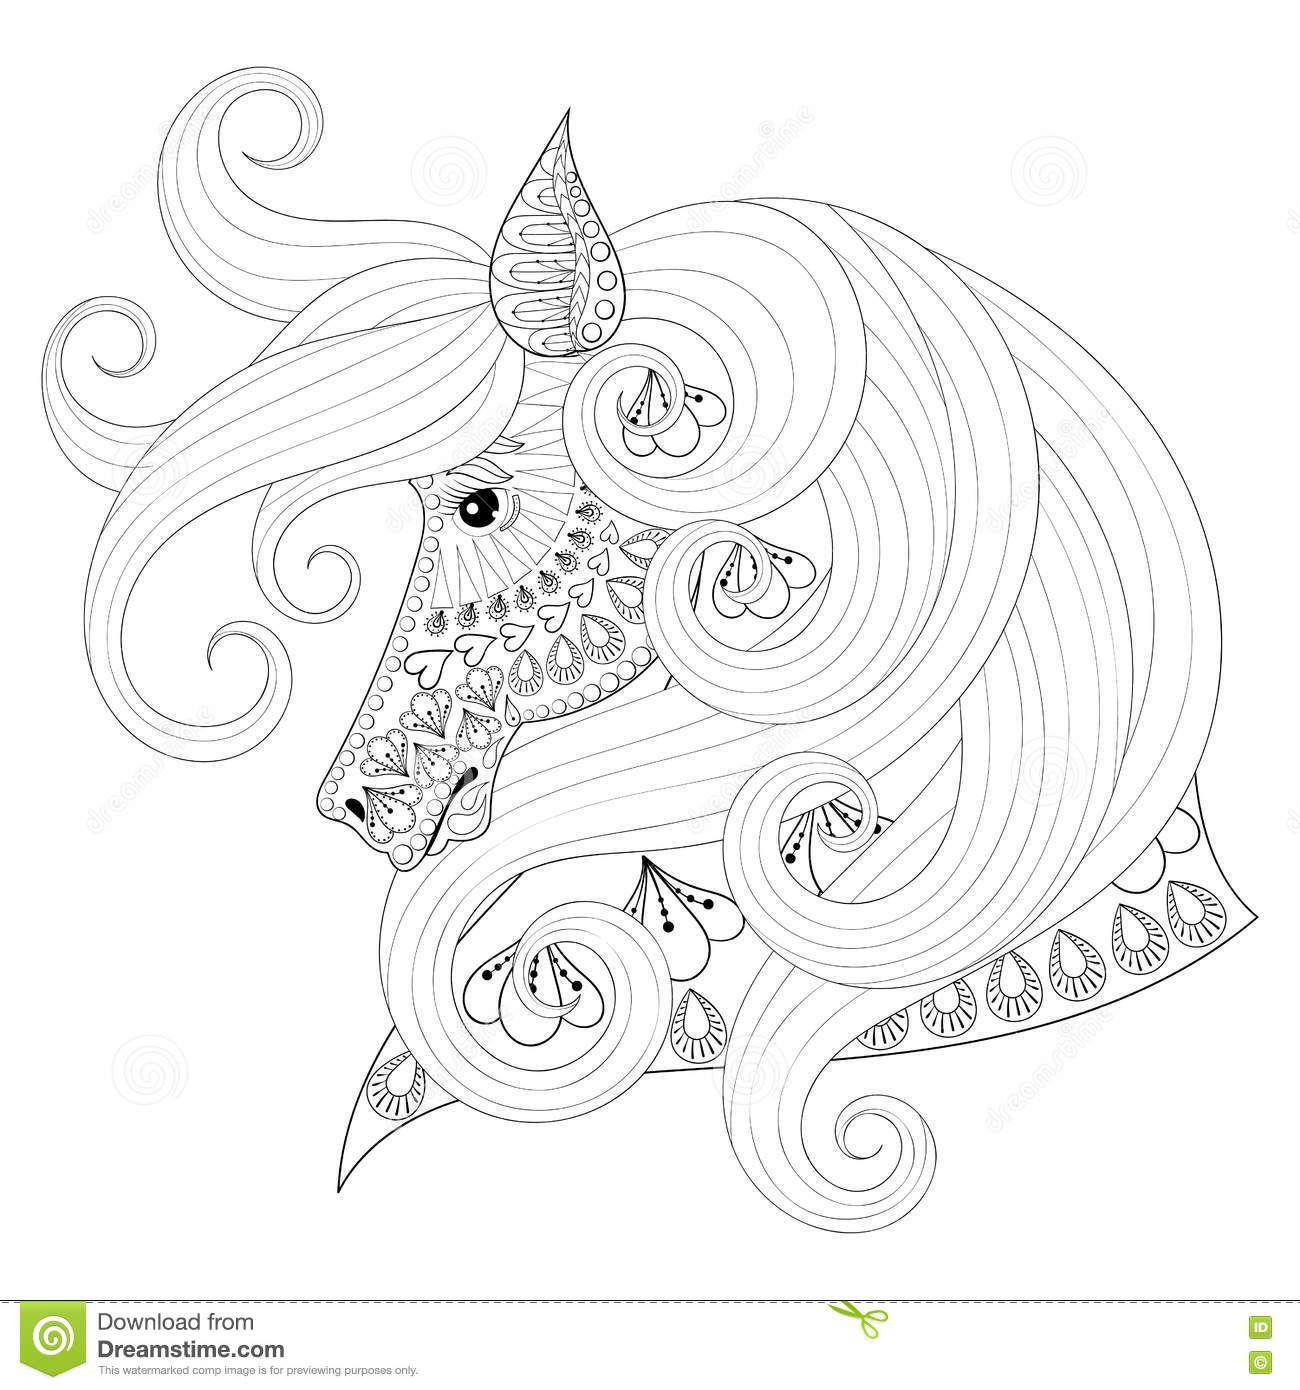 ninjago drachen ausmalbilder kostenlos  kinder ausmalbilder